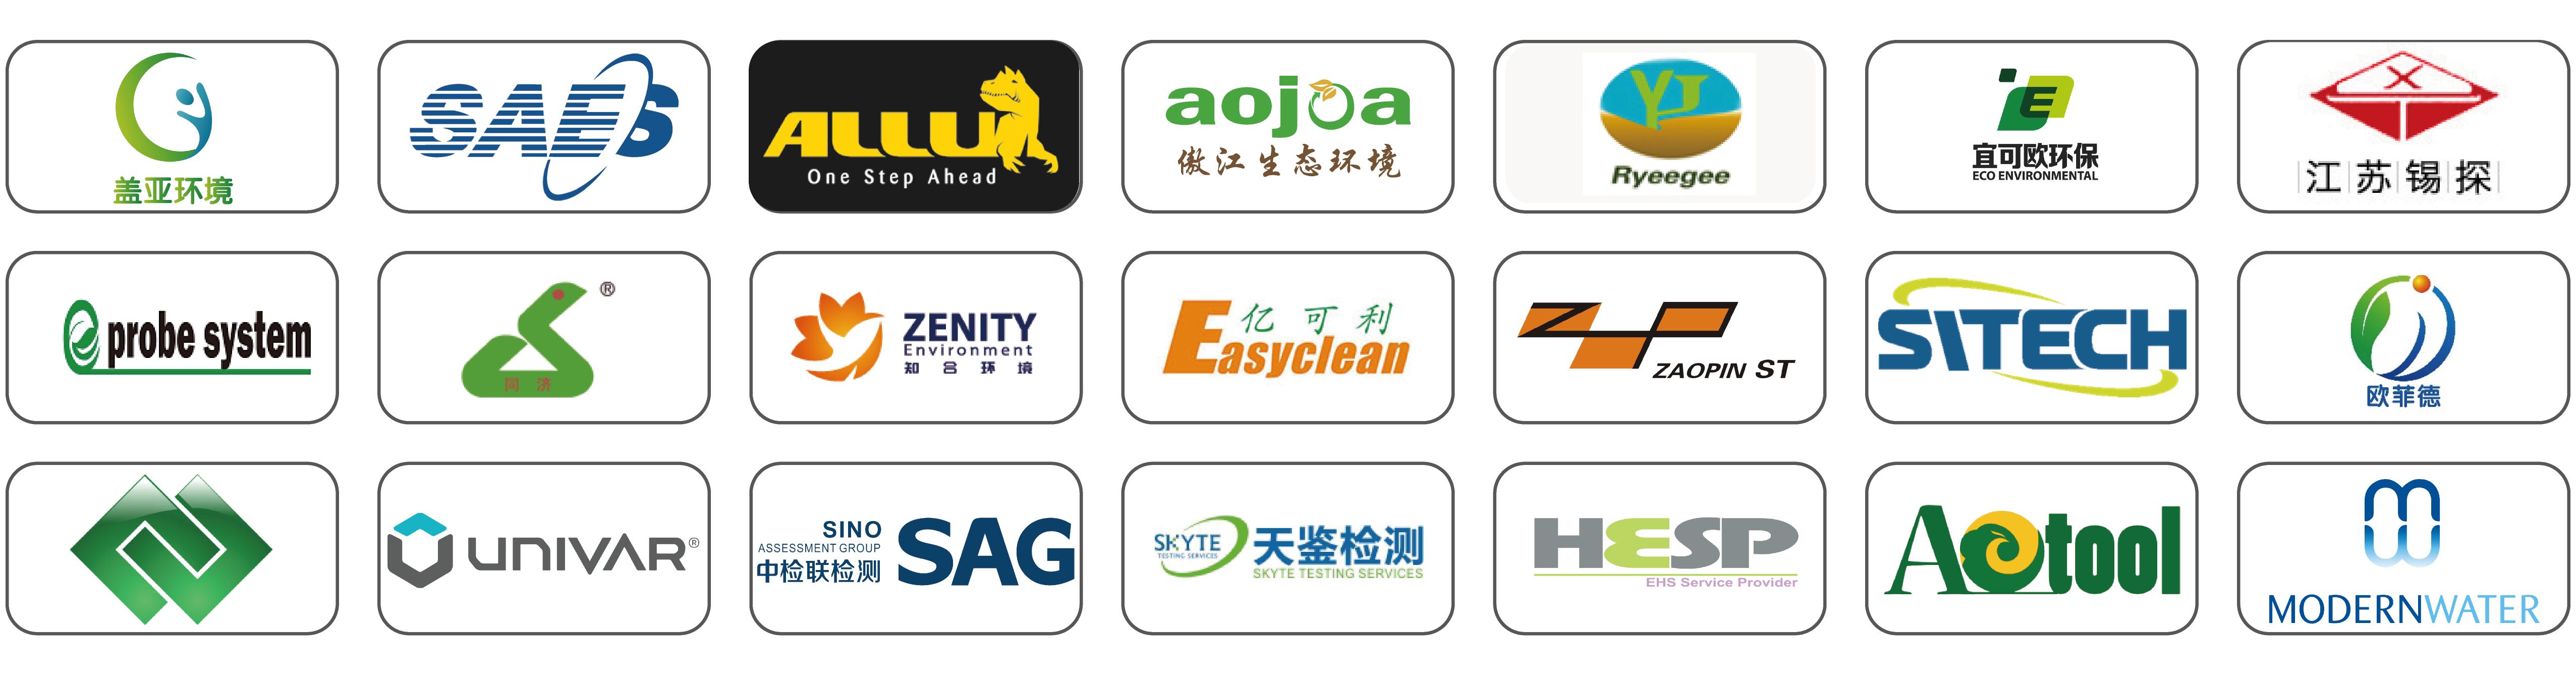 2021上海环博会中国环保展会IE EXPO水处理展品牌展商